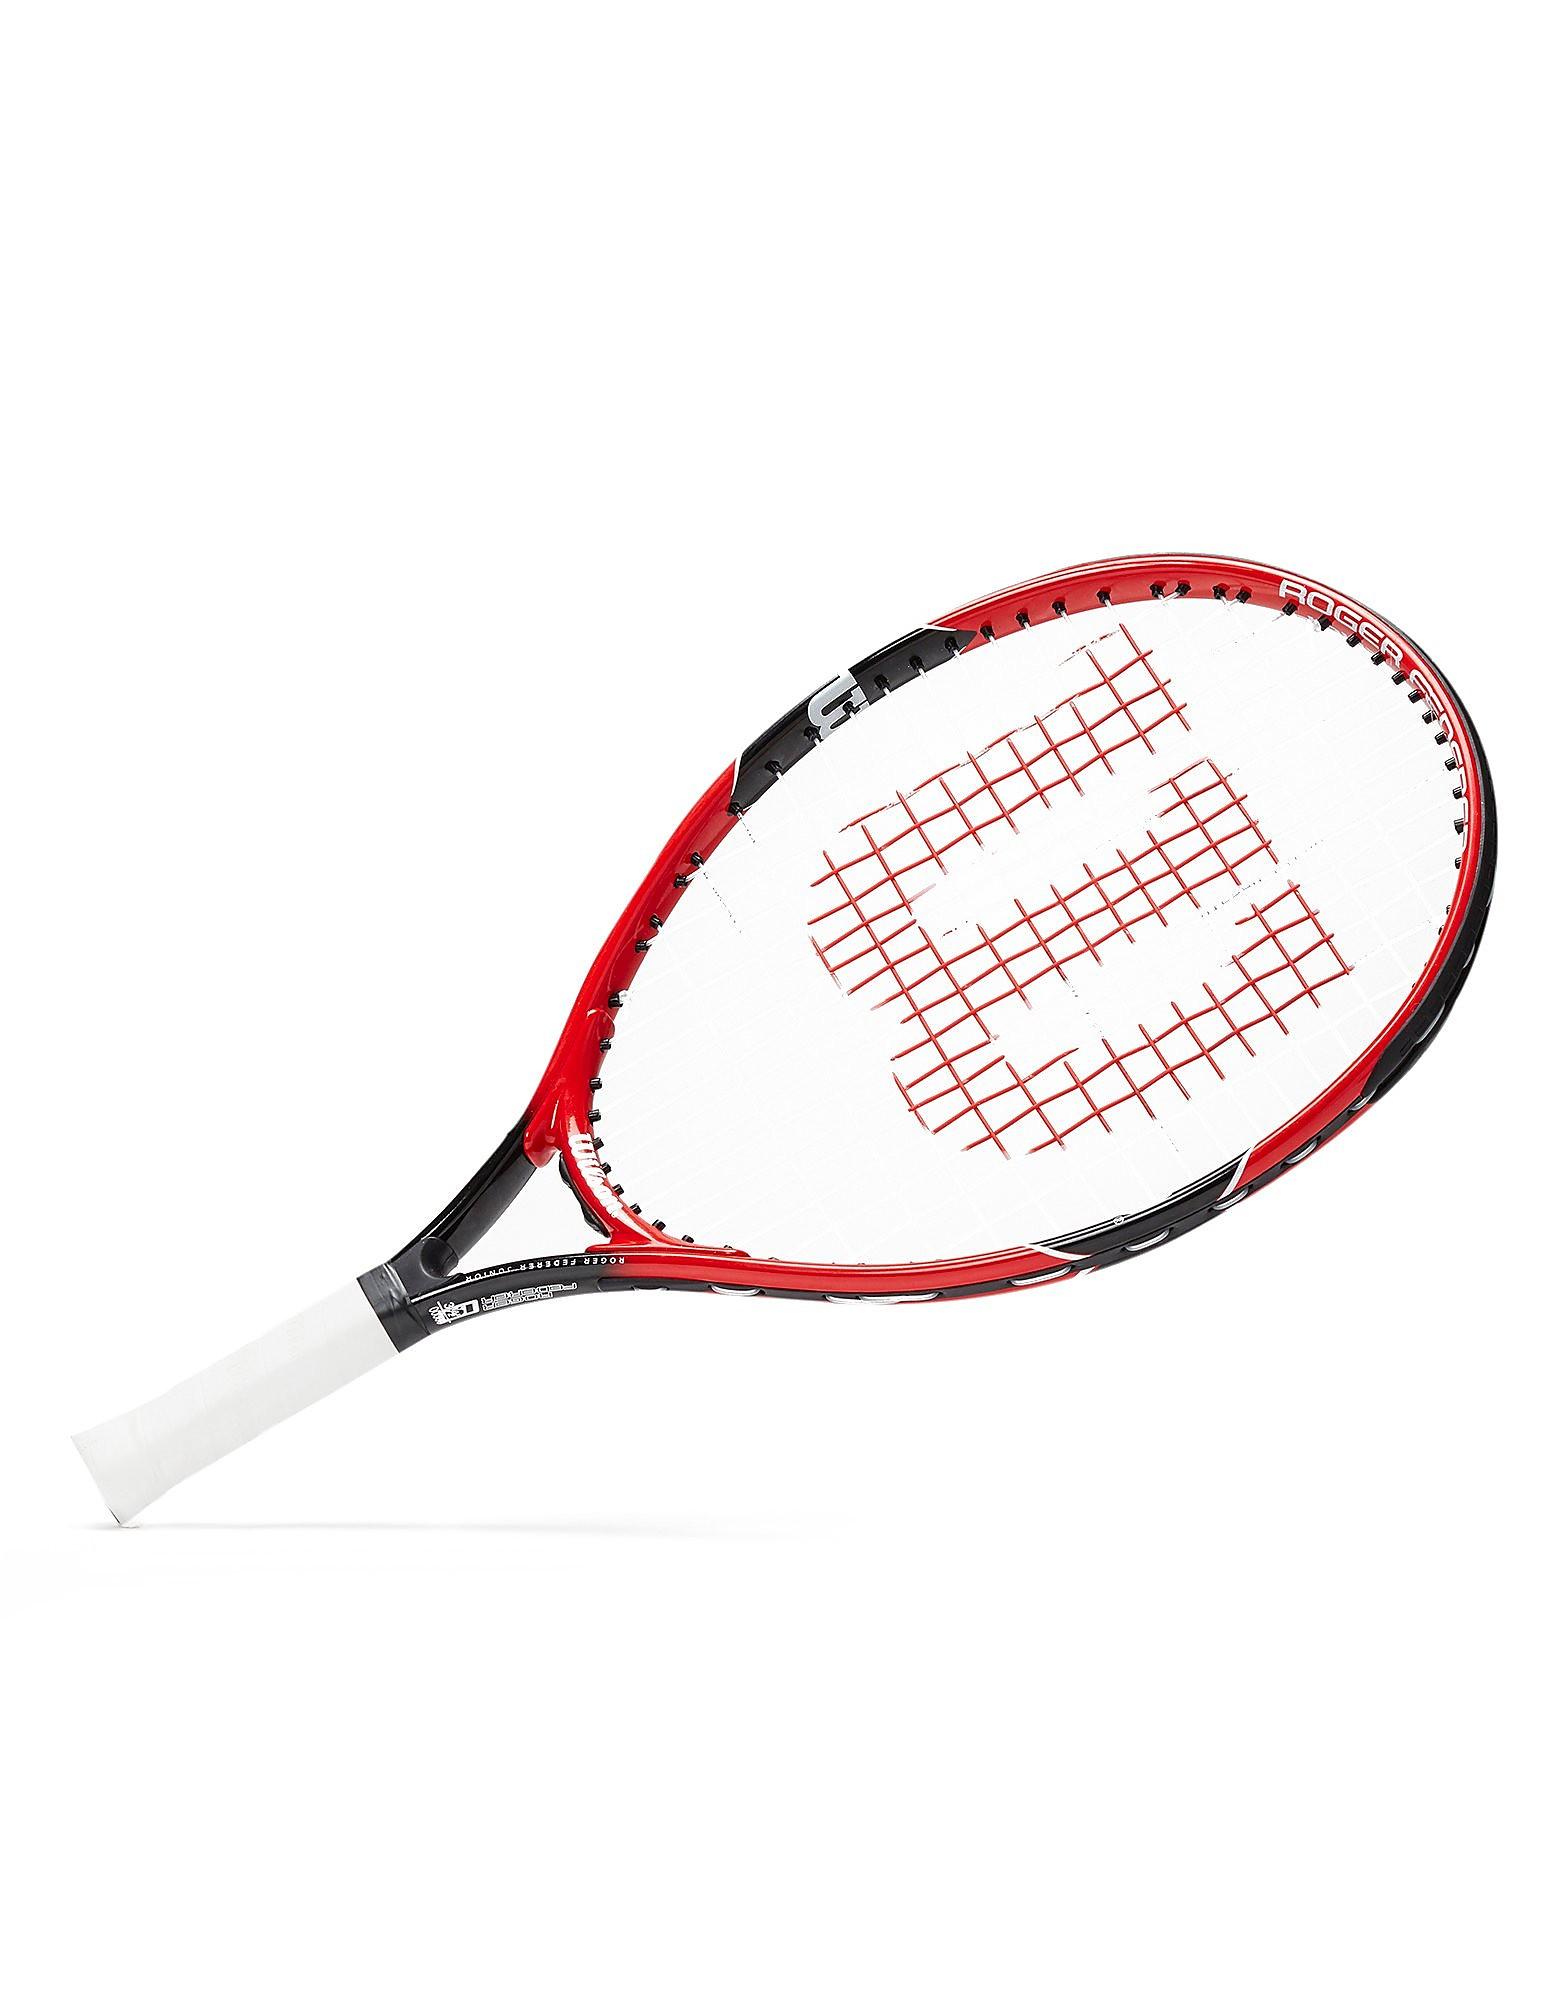 Wilson Roger Federer 19 Tennis Racket Junior